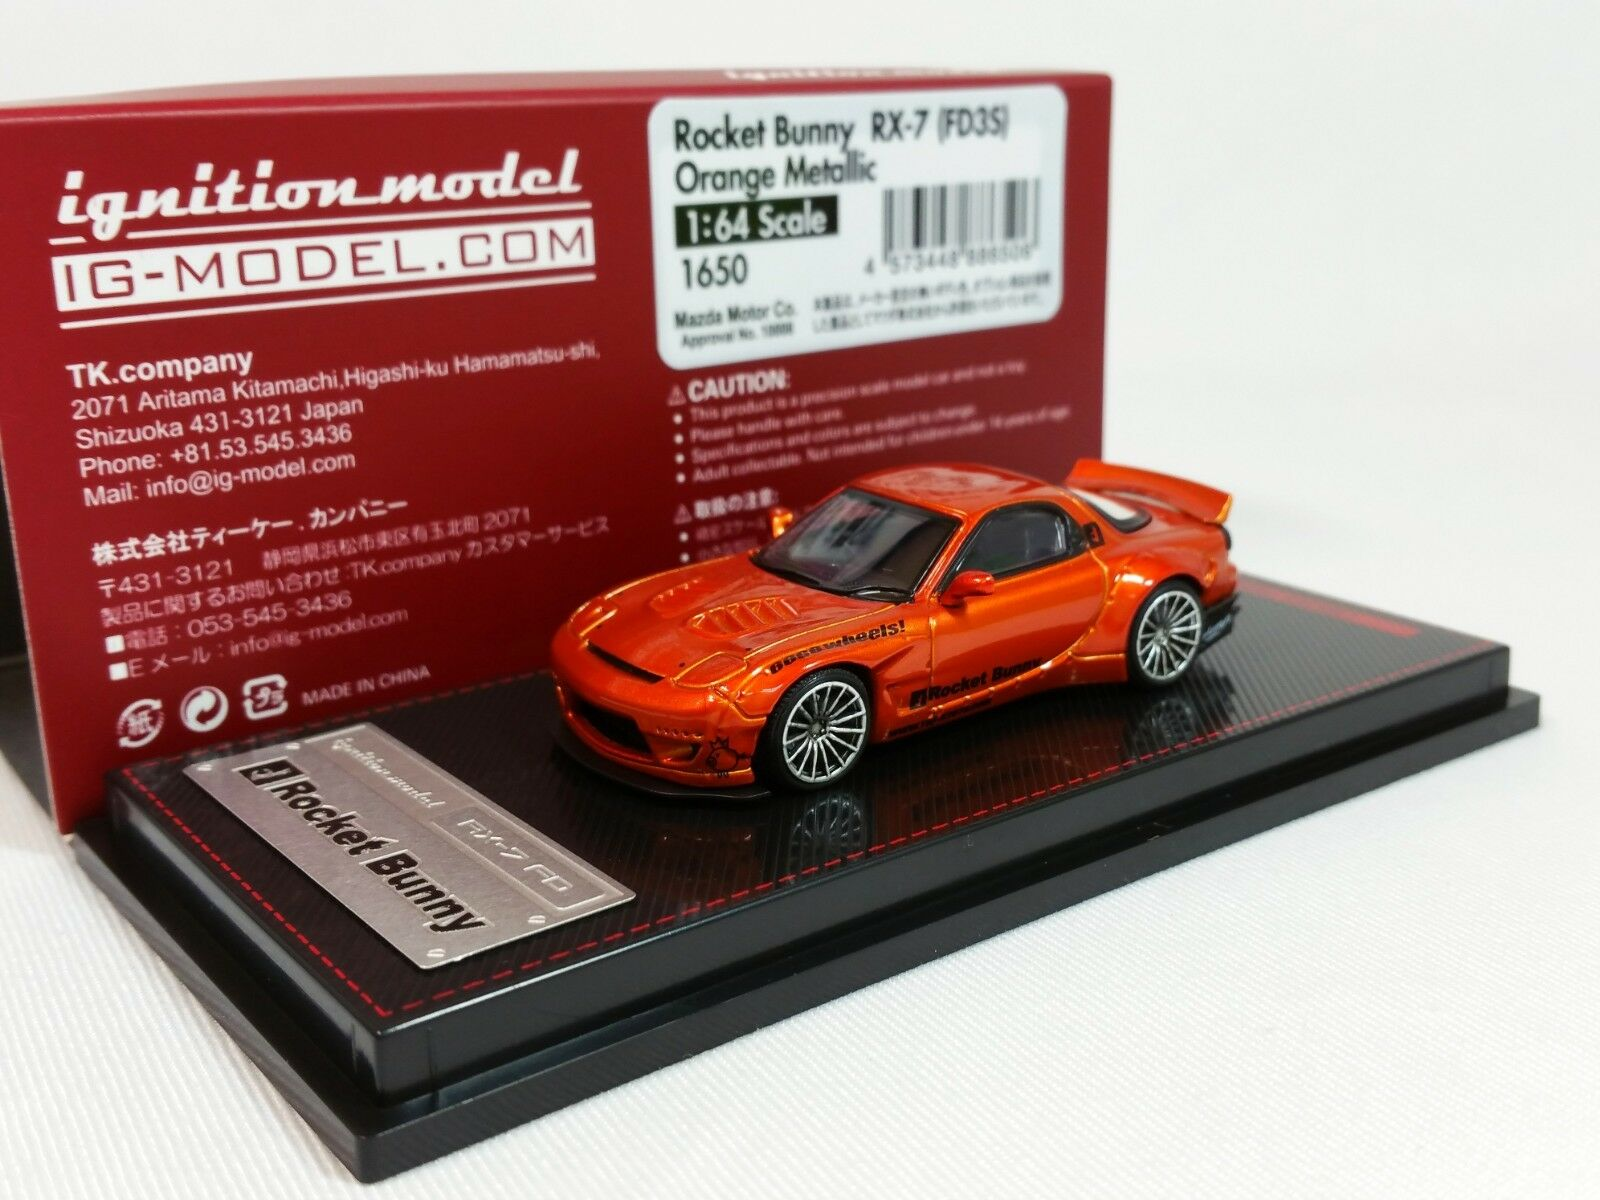 autentico en linea 1 64 Mazda RX-7 FD3S Rocket Conejito De Encendido Encendido Encendido Naranja Metálico Edición Limitada de IG1650.  mejor vendido